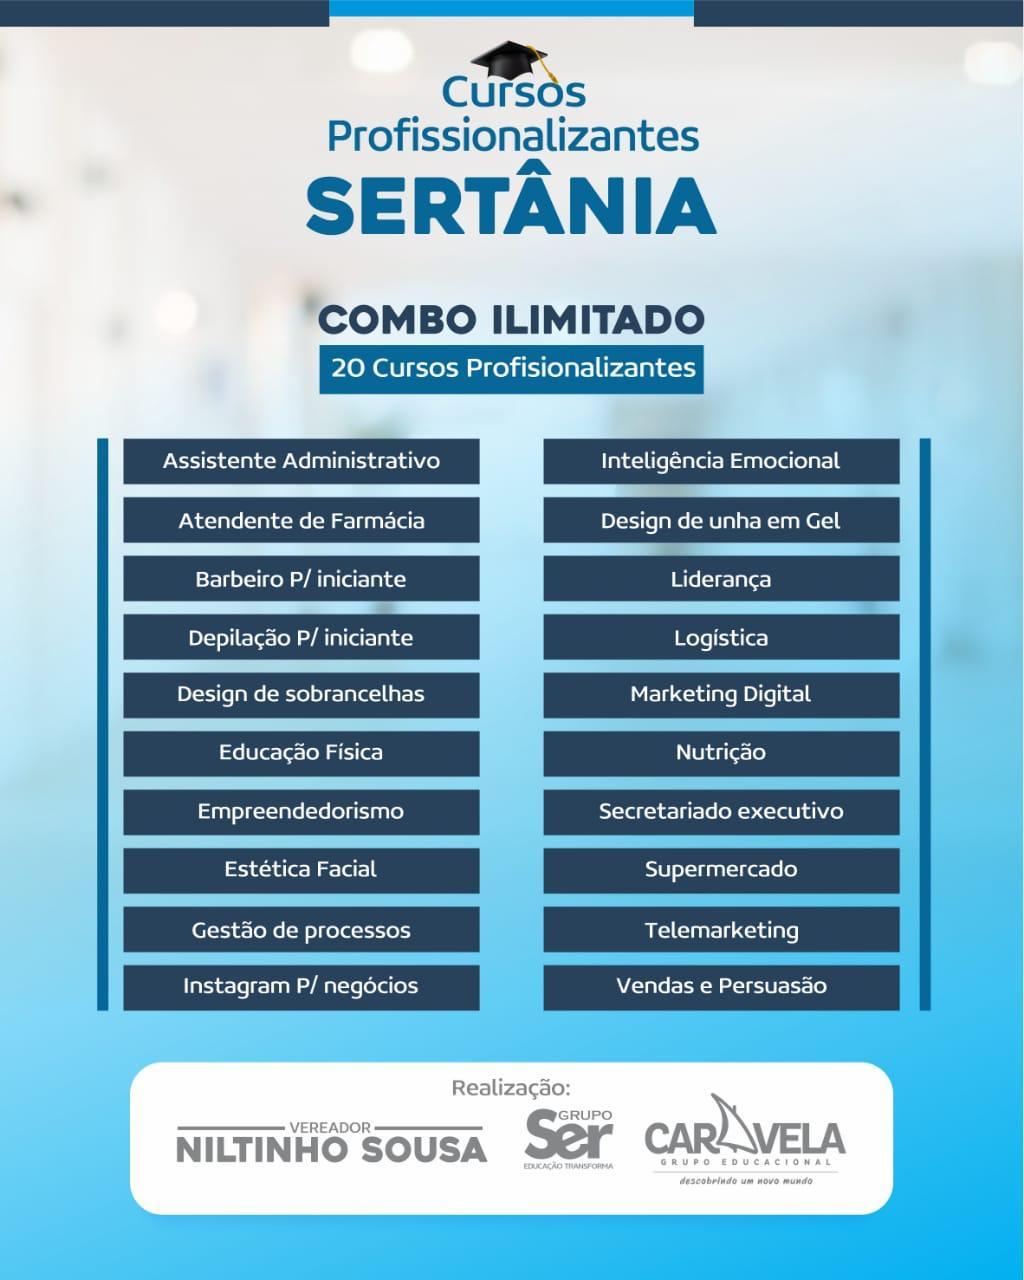 WhatsApp-Image-2021-06-19-at-12.30.59-1 Em Sertânia: Vereador Niltinho Sousa, fecha parceria com Grupo Educacional para disponibilização de 20 cursos profissionalizantes para 300 pessoas